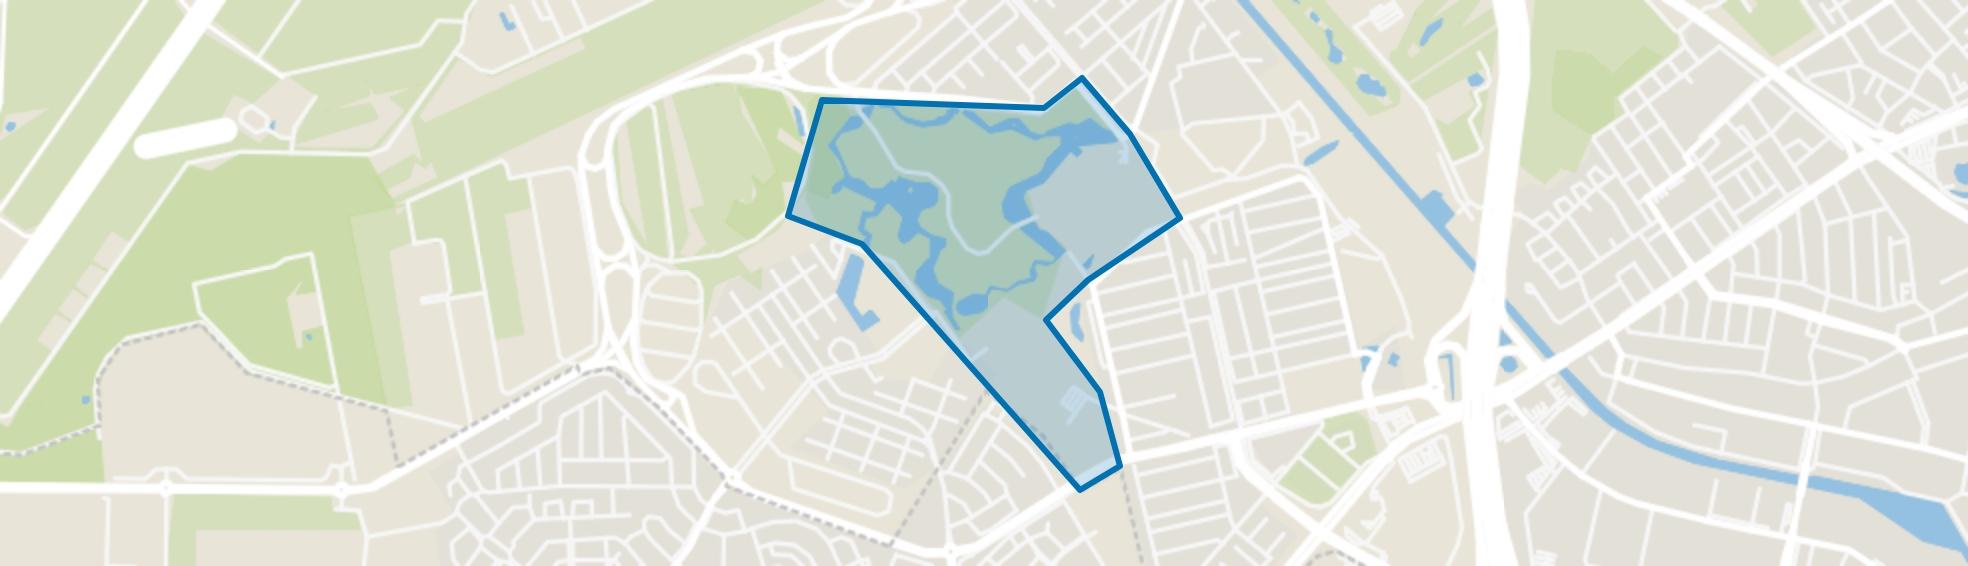 Meerrijk, Eindhoven map